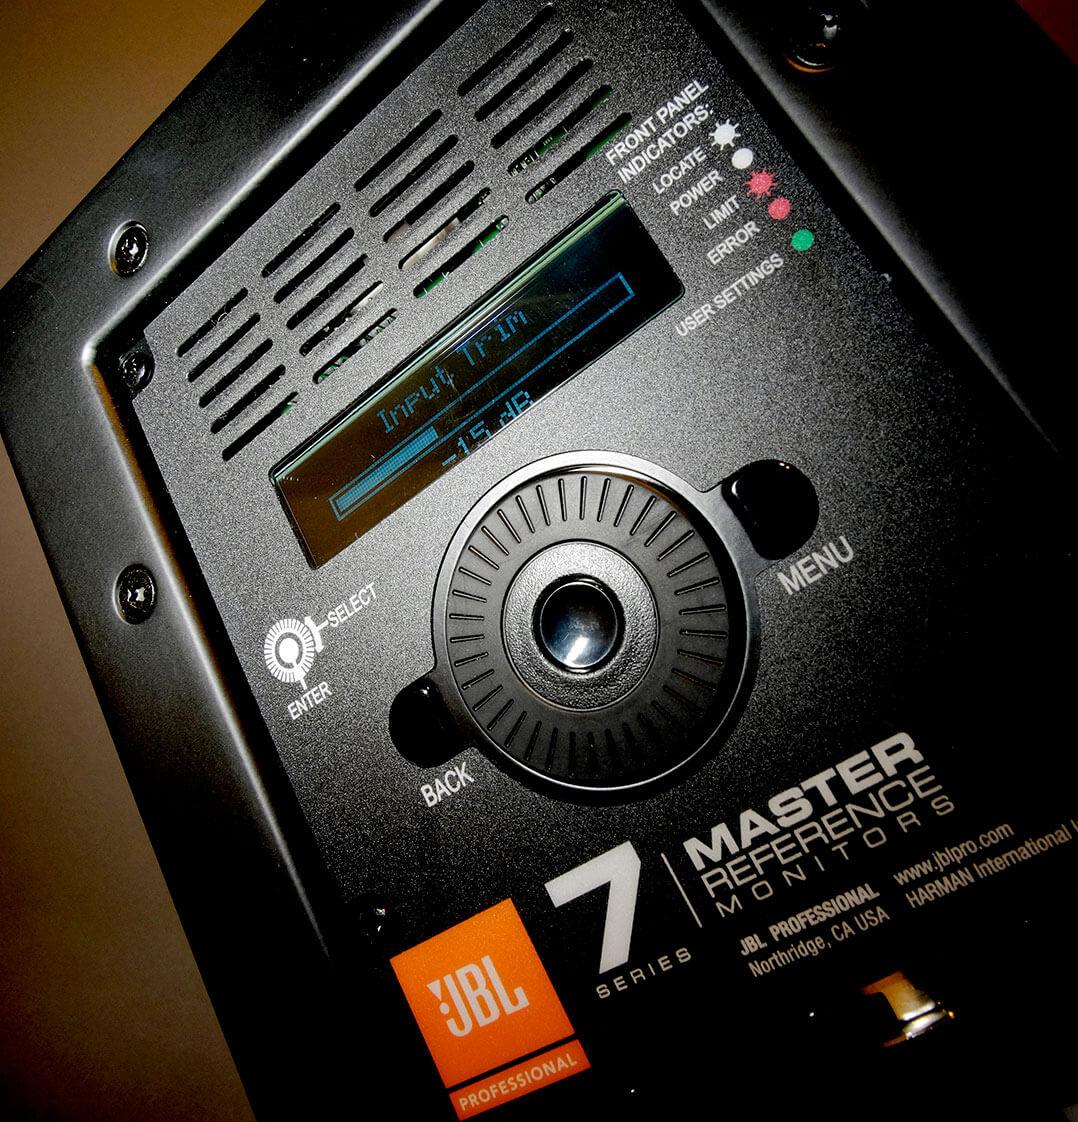 JBL LSR705P - Wählrad und Diplay